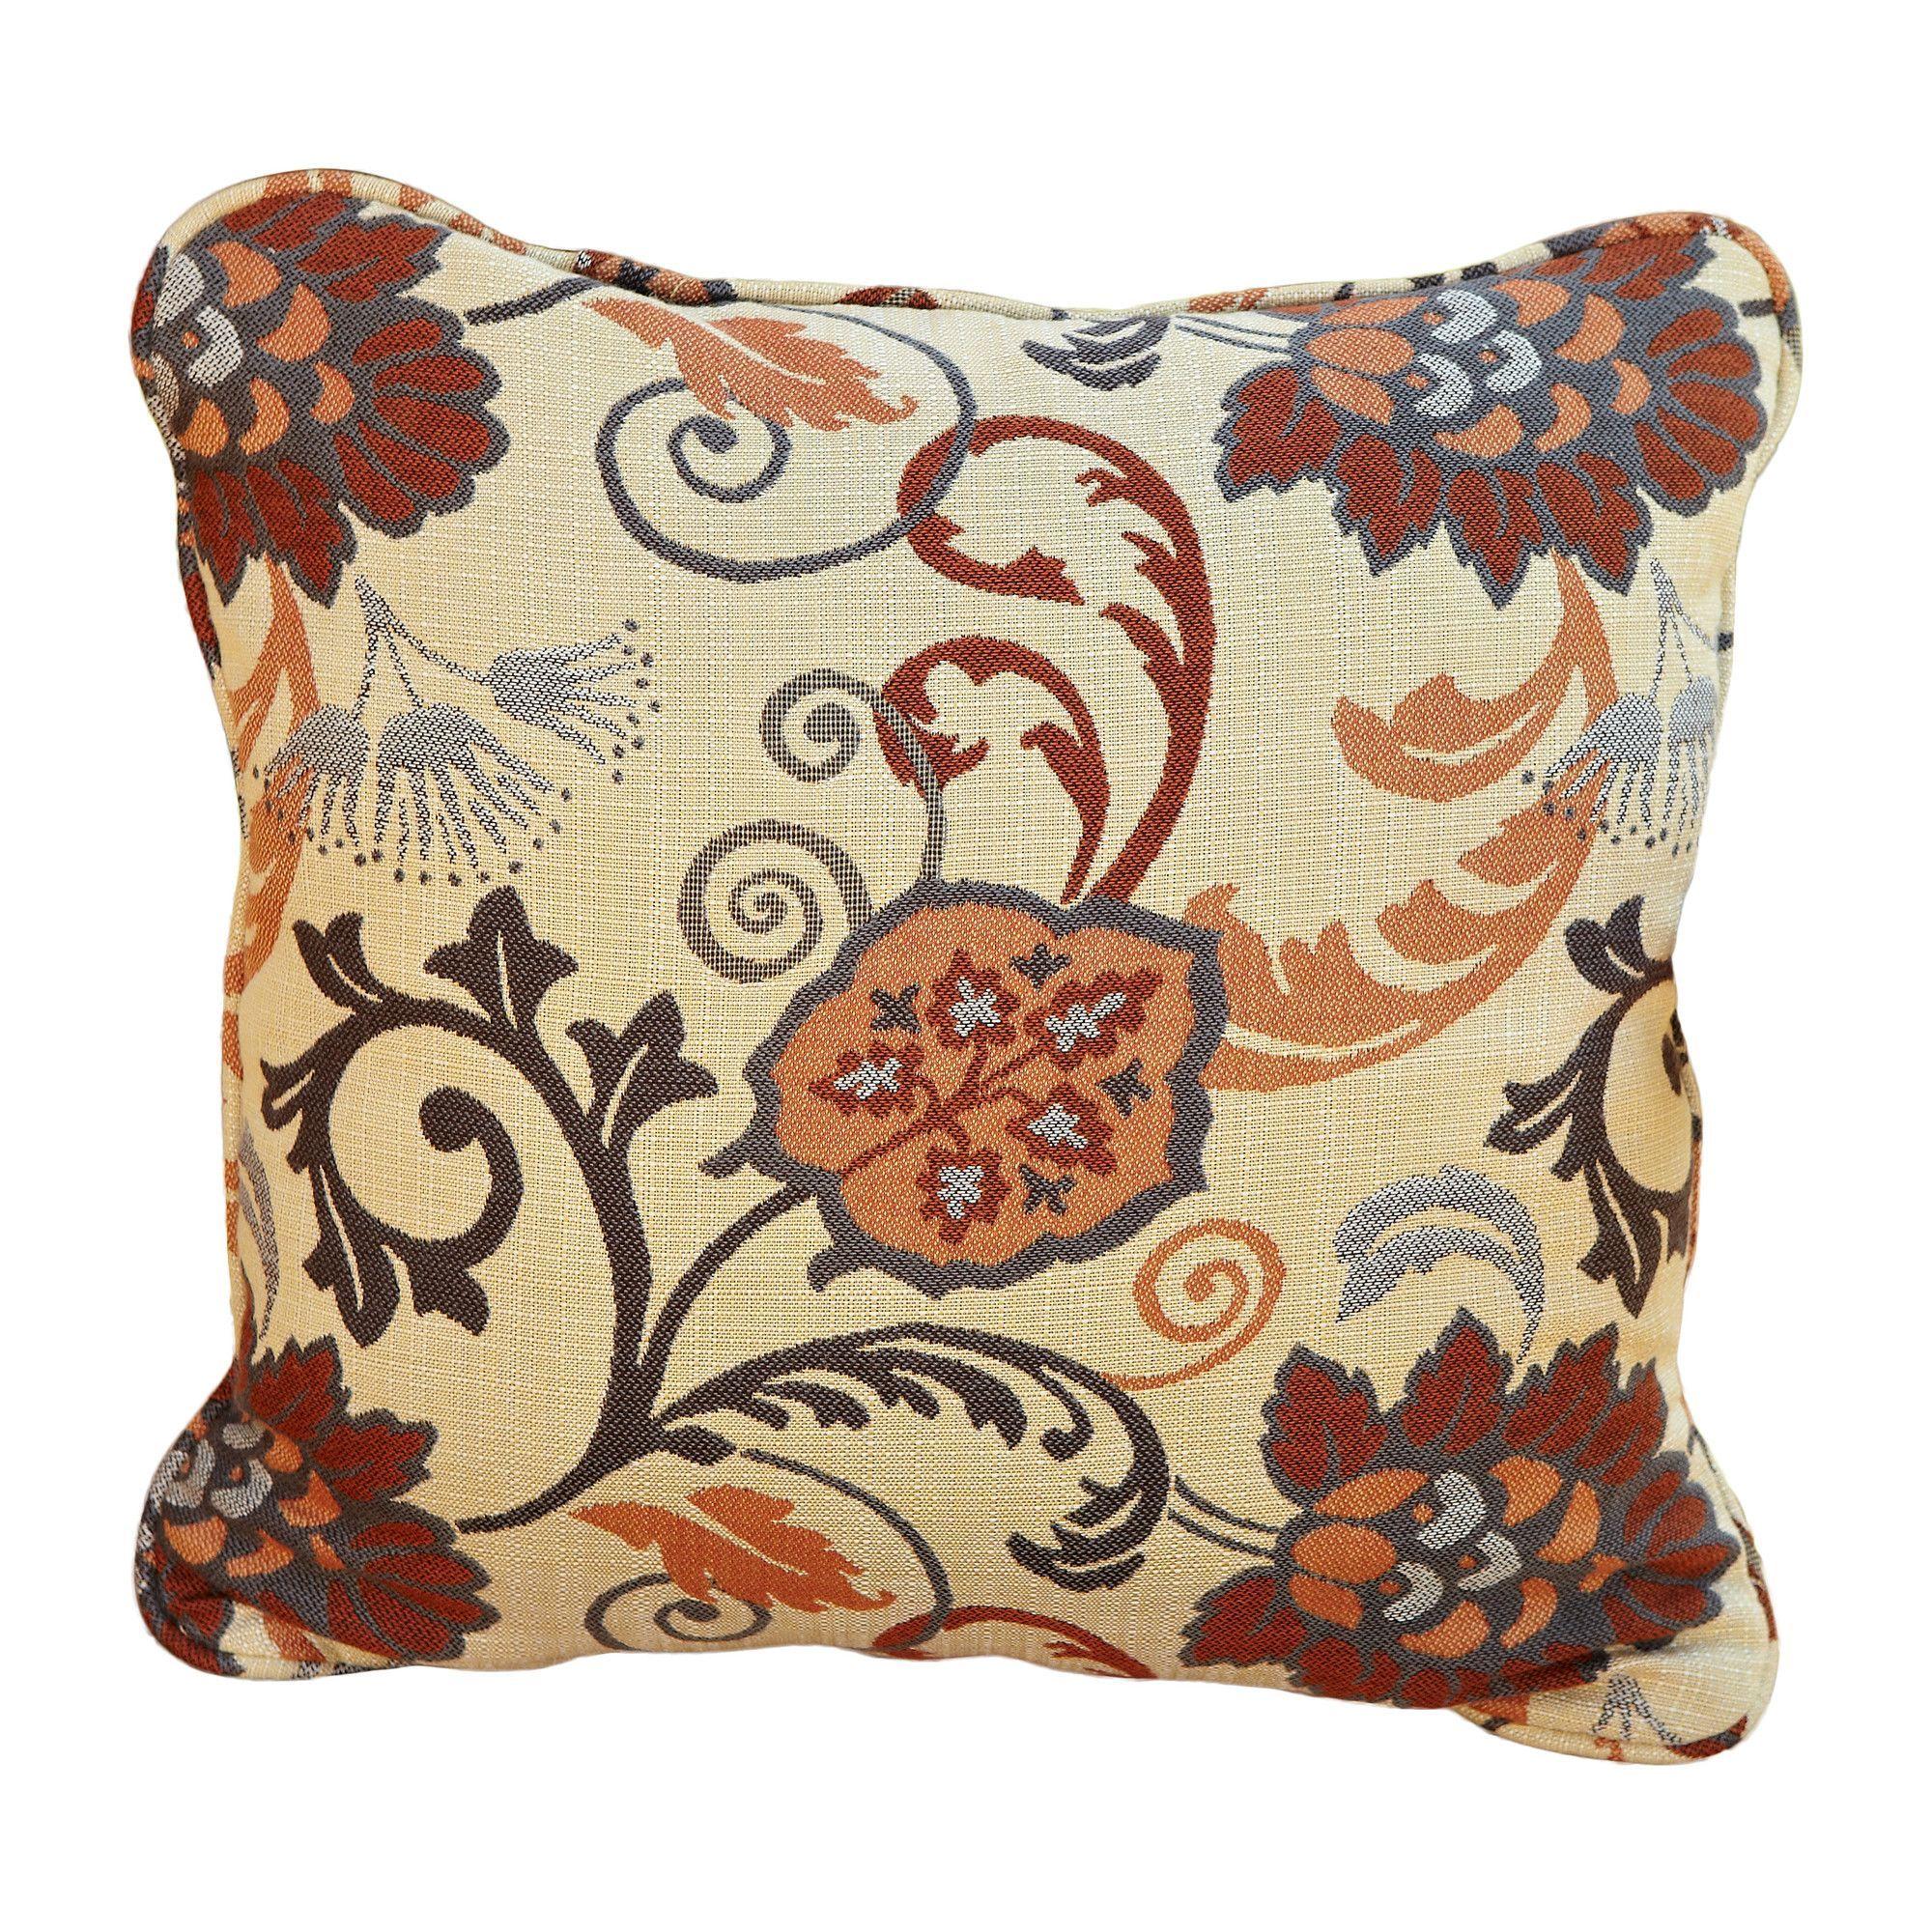 Corded Floral Outdoor Sunbrella Throw Pillow